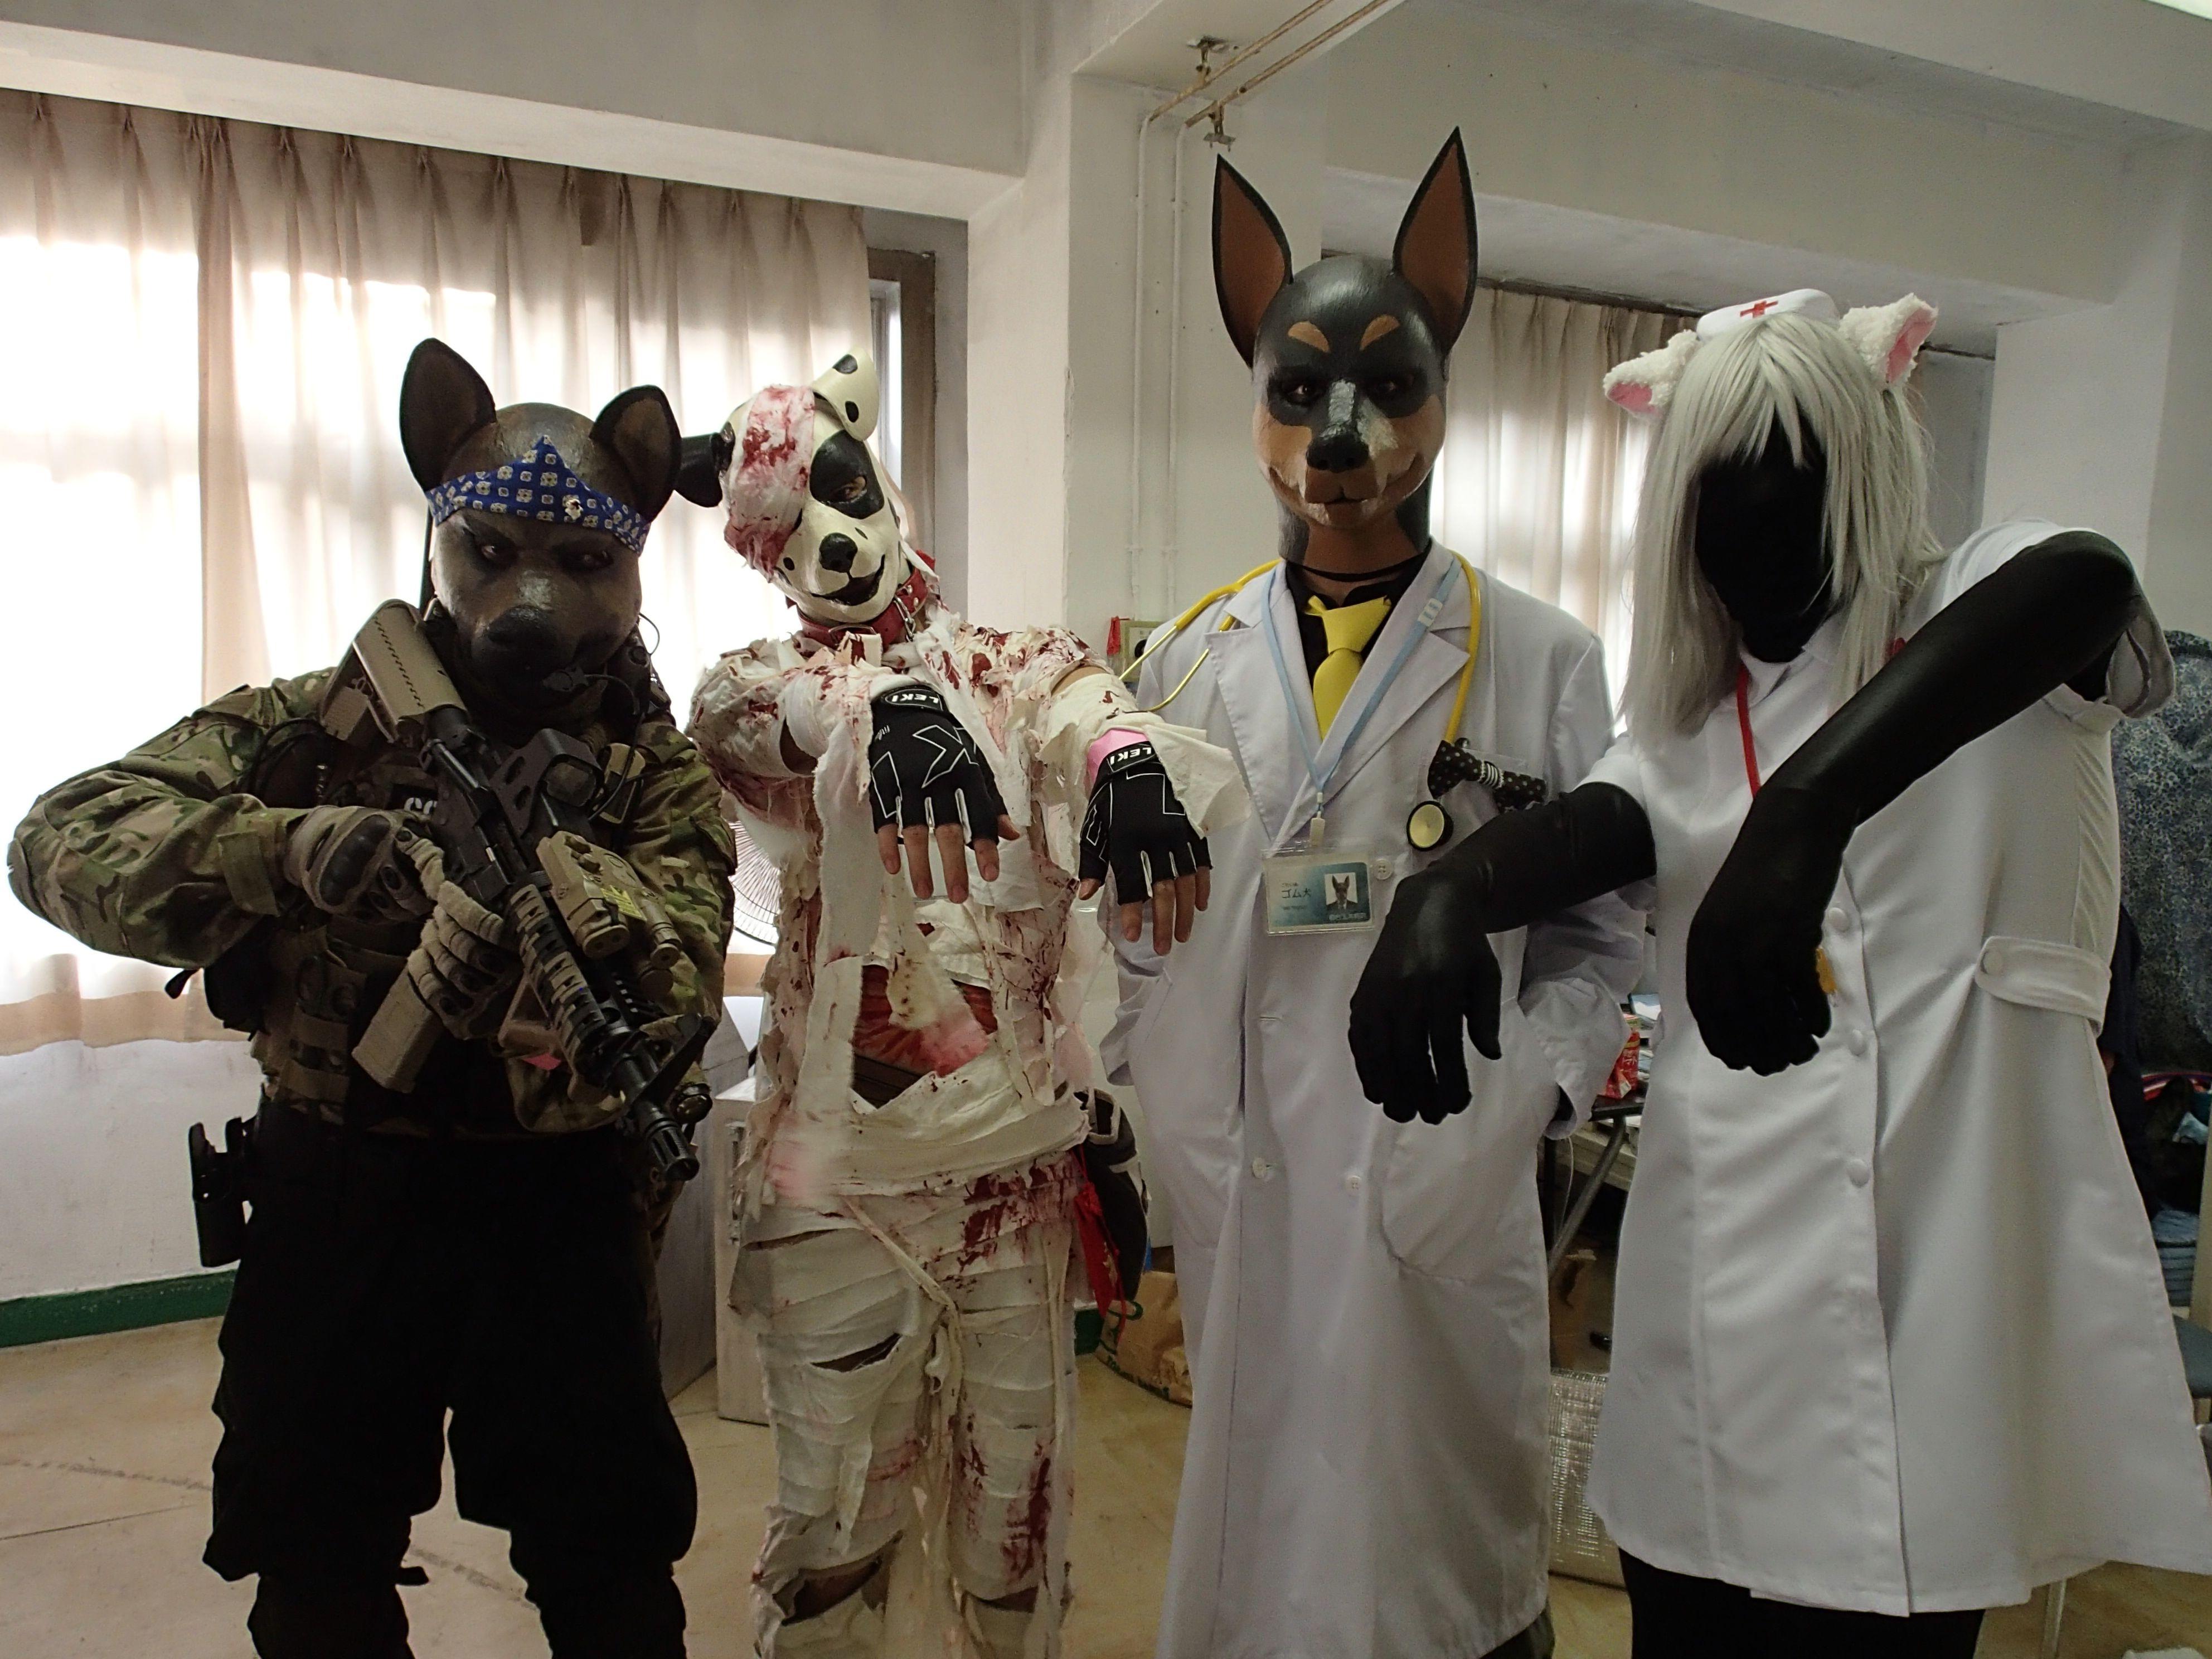 廃病院パーティーVOL.3 ザ★ファイナル@初台玉井病院スタジオ・左からモリブデンさん、くつべらさん、ゴム犬さん、なたすさん